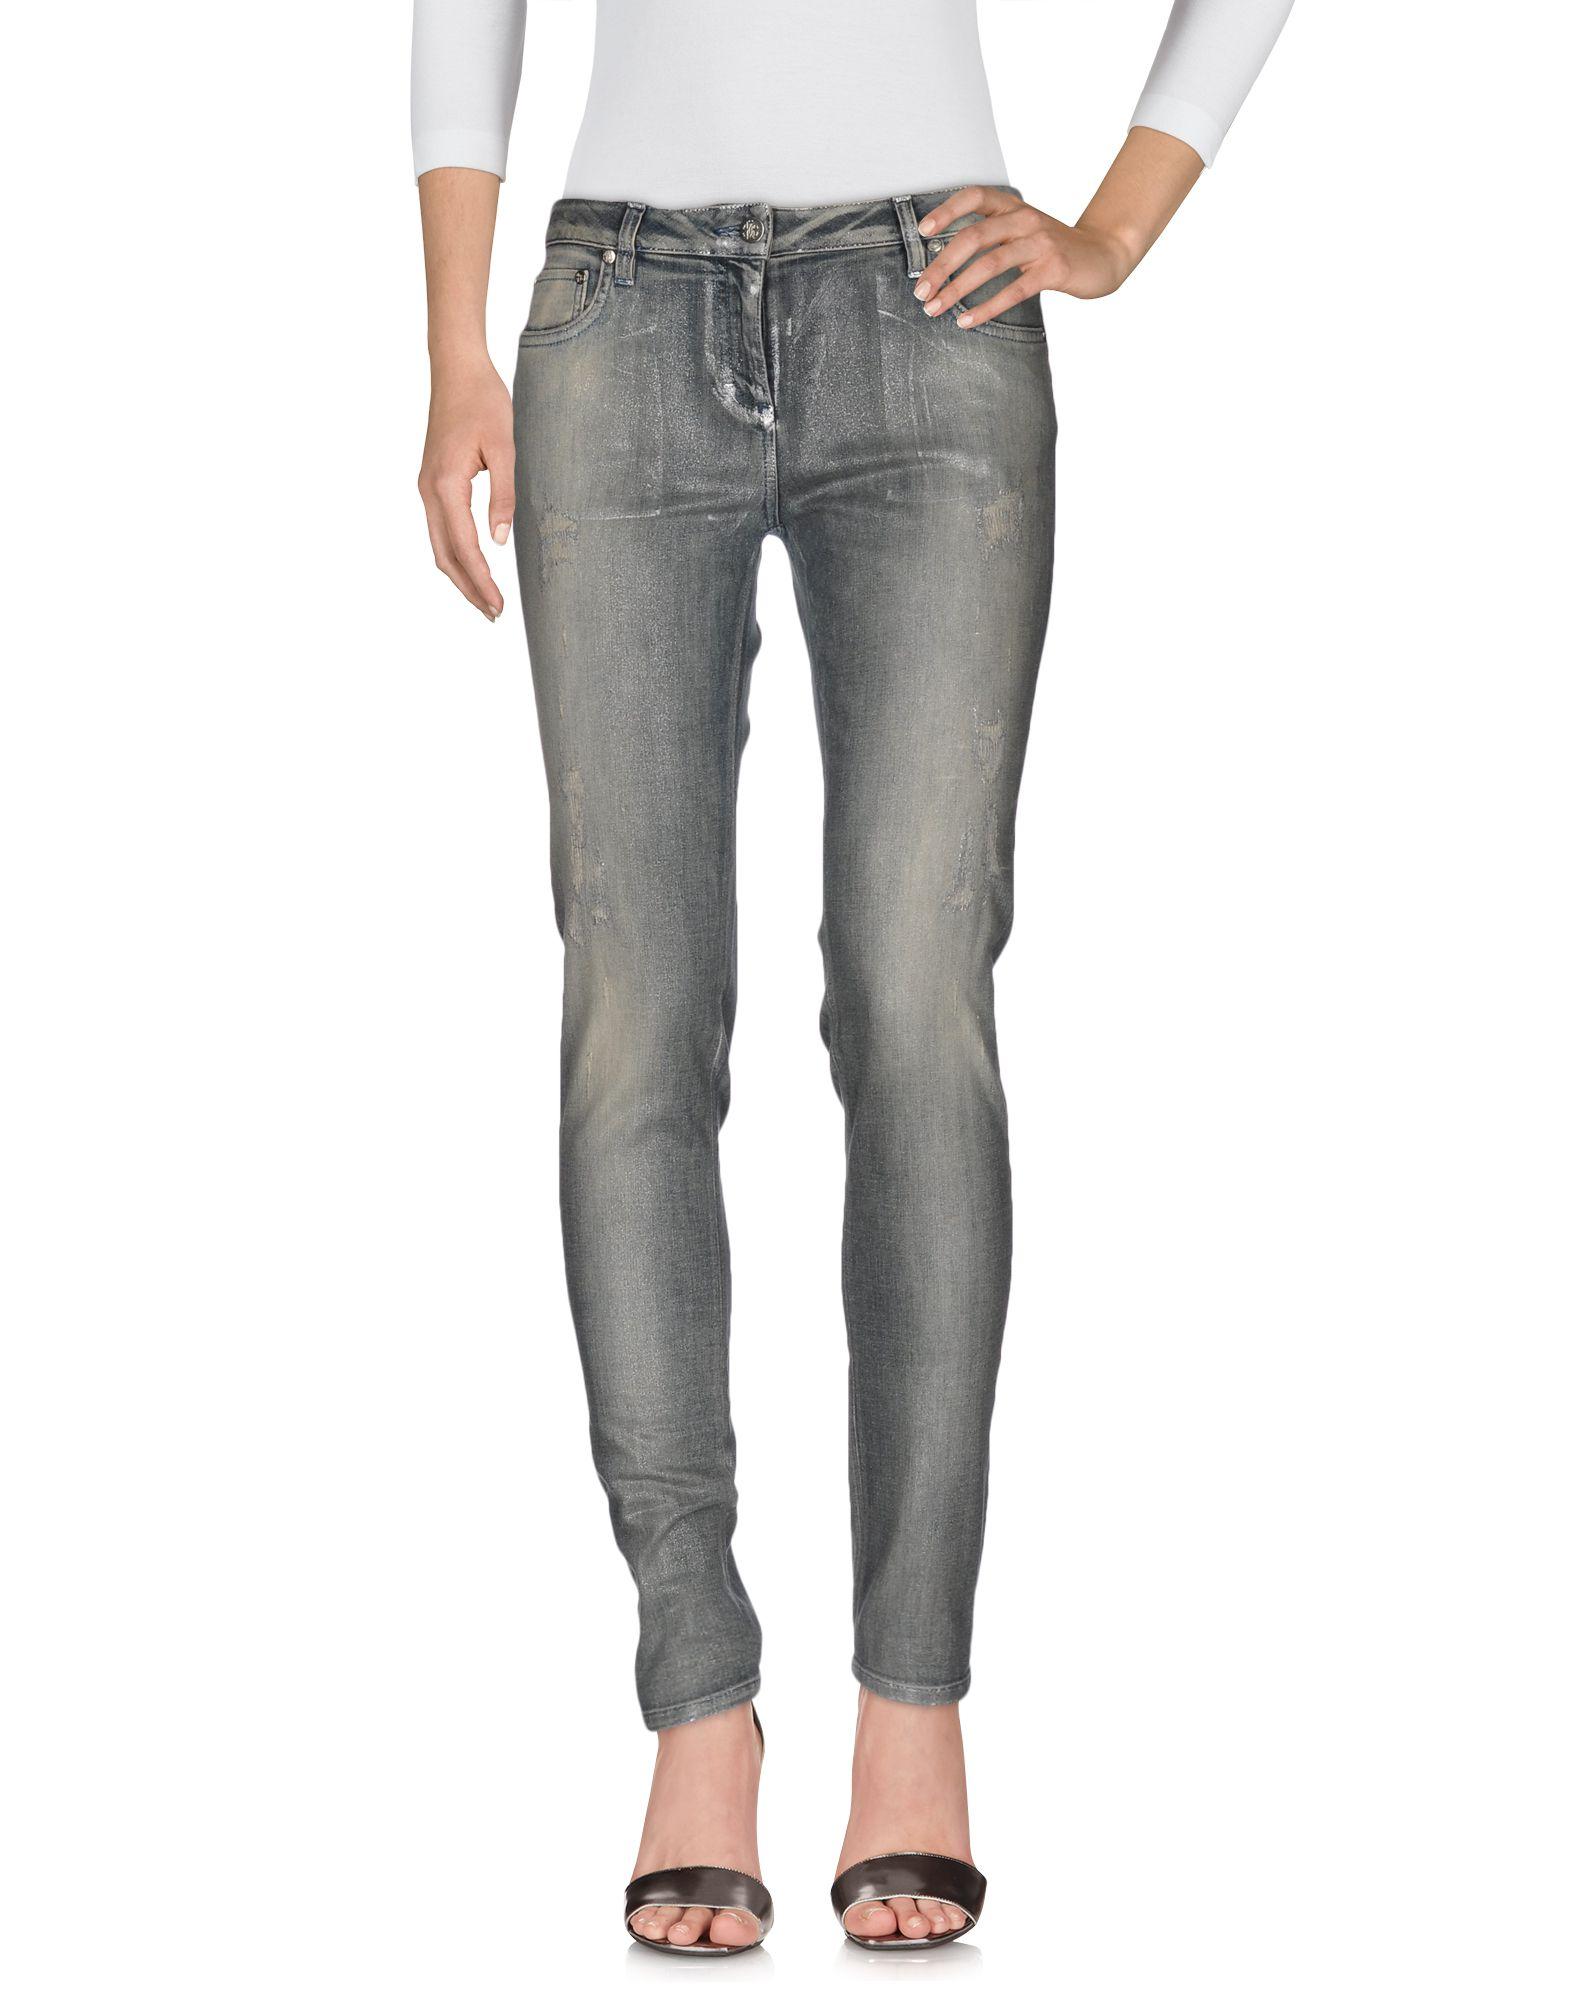 Pantaloni Jeans Roberto Cavalli Donna - Acquista online su QtZWUVdXBL